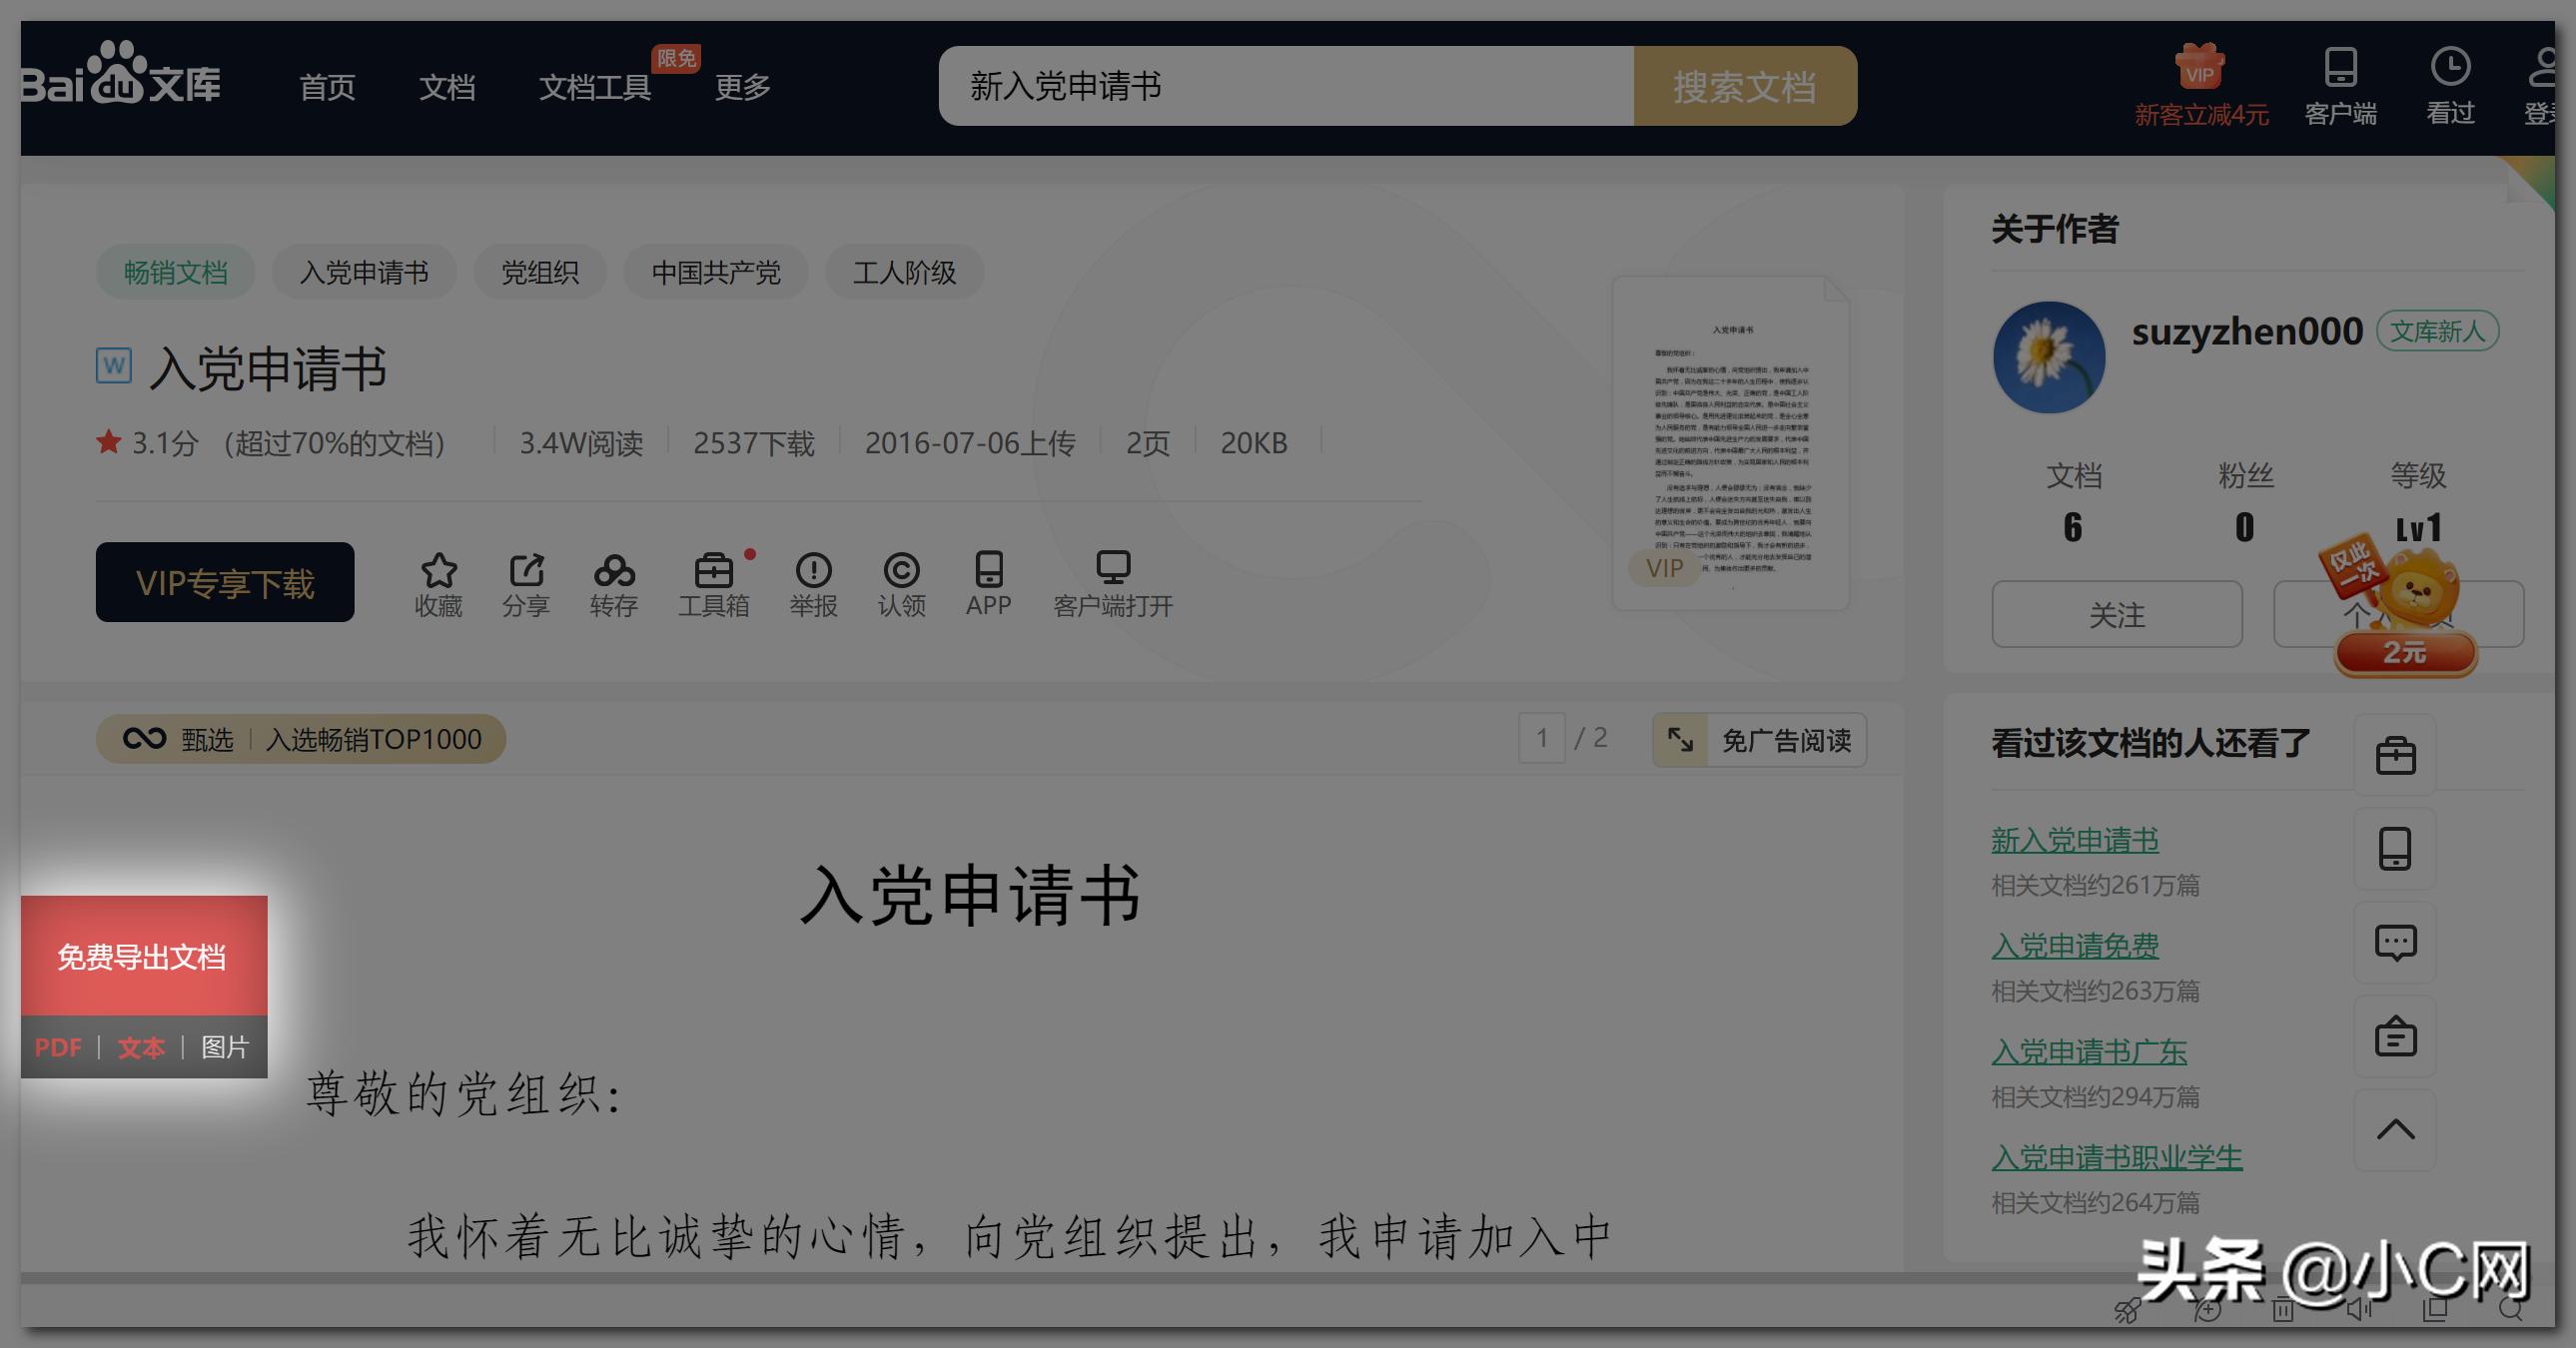 图片[3] - 百度文库万能插件,解除vip限制,下载vip资源 - 小 C 网